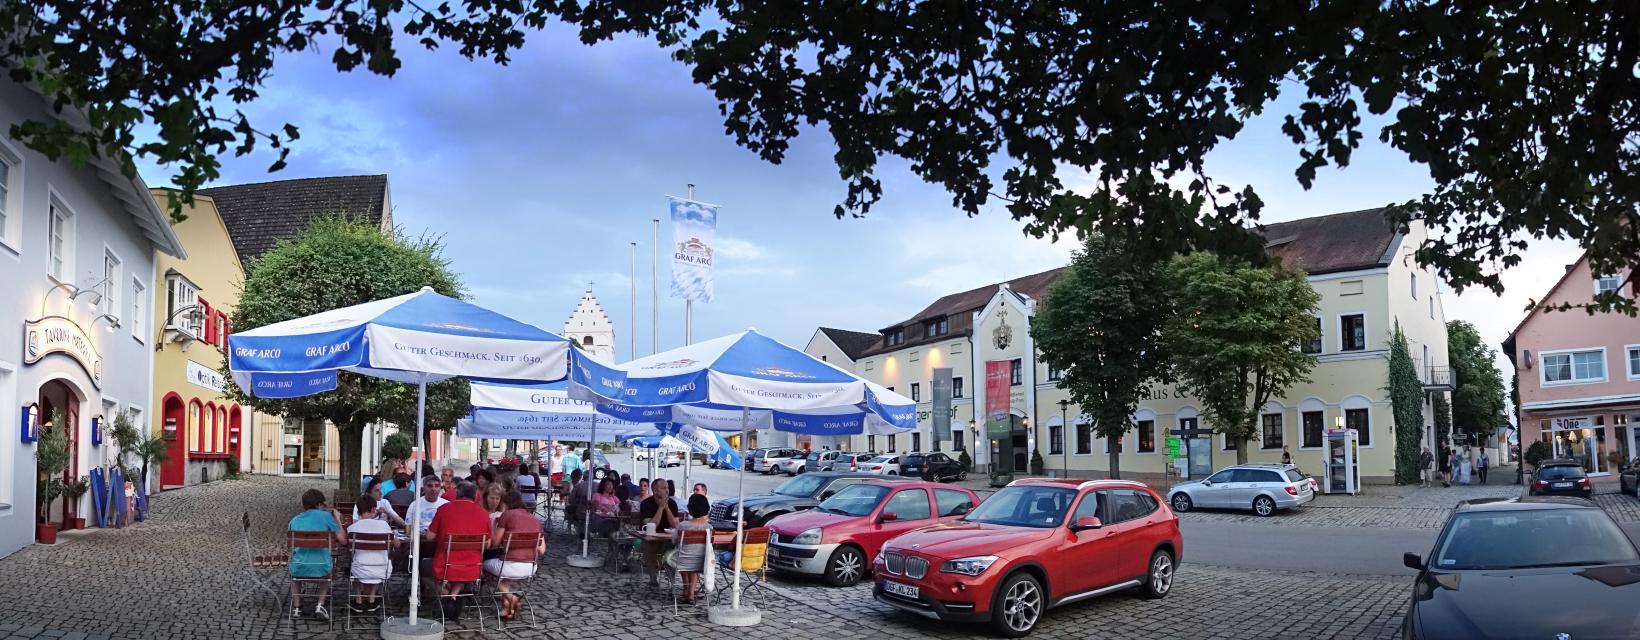 Markt Reisbach -